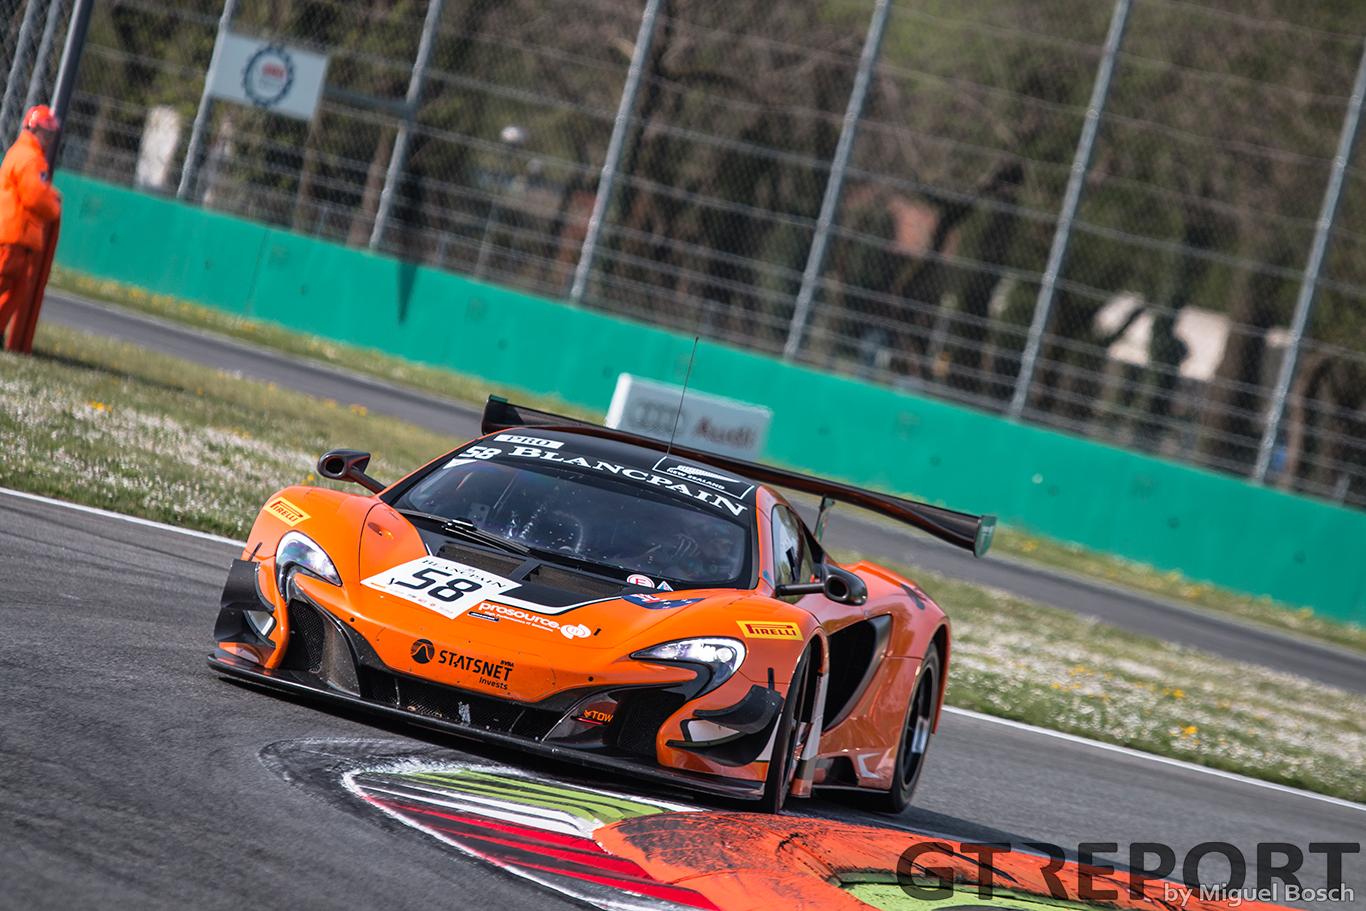 Weekend round-up: Blancpain GT, European GT4